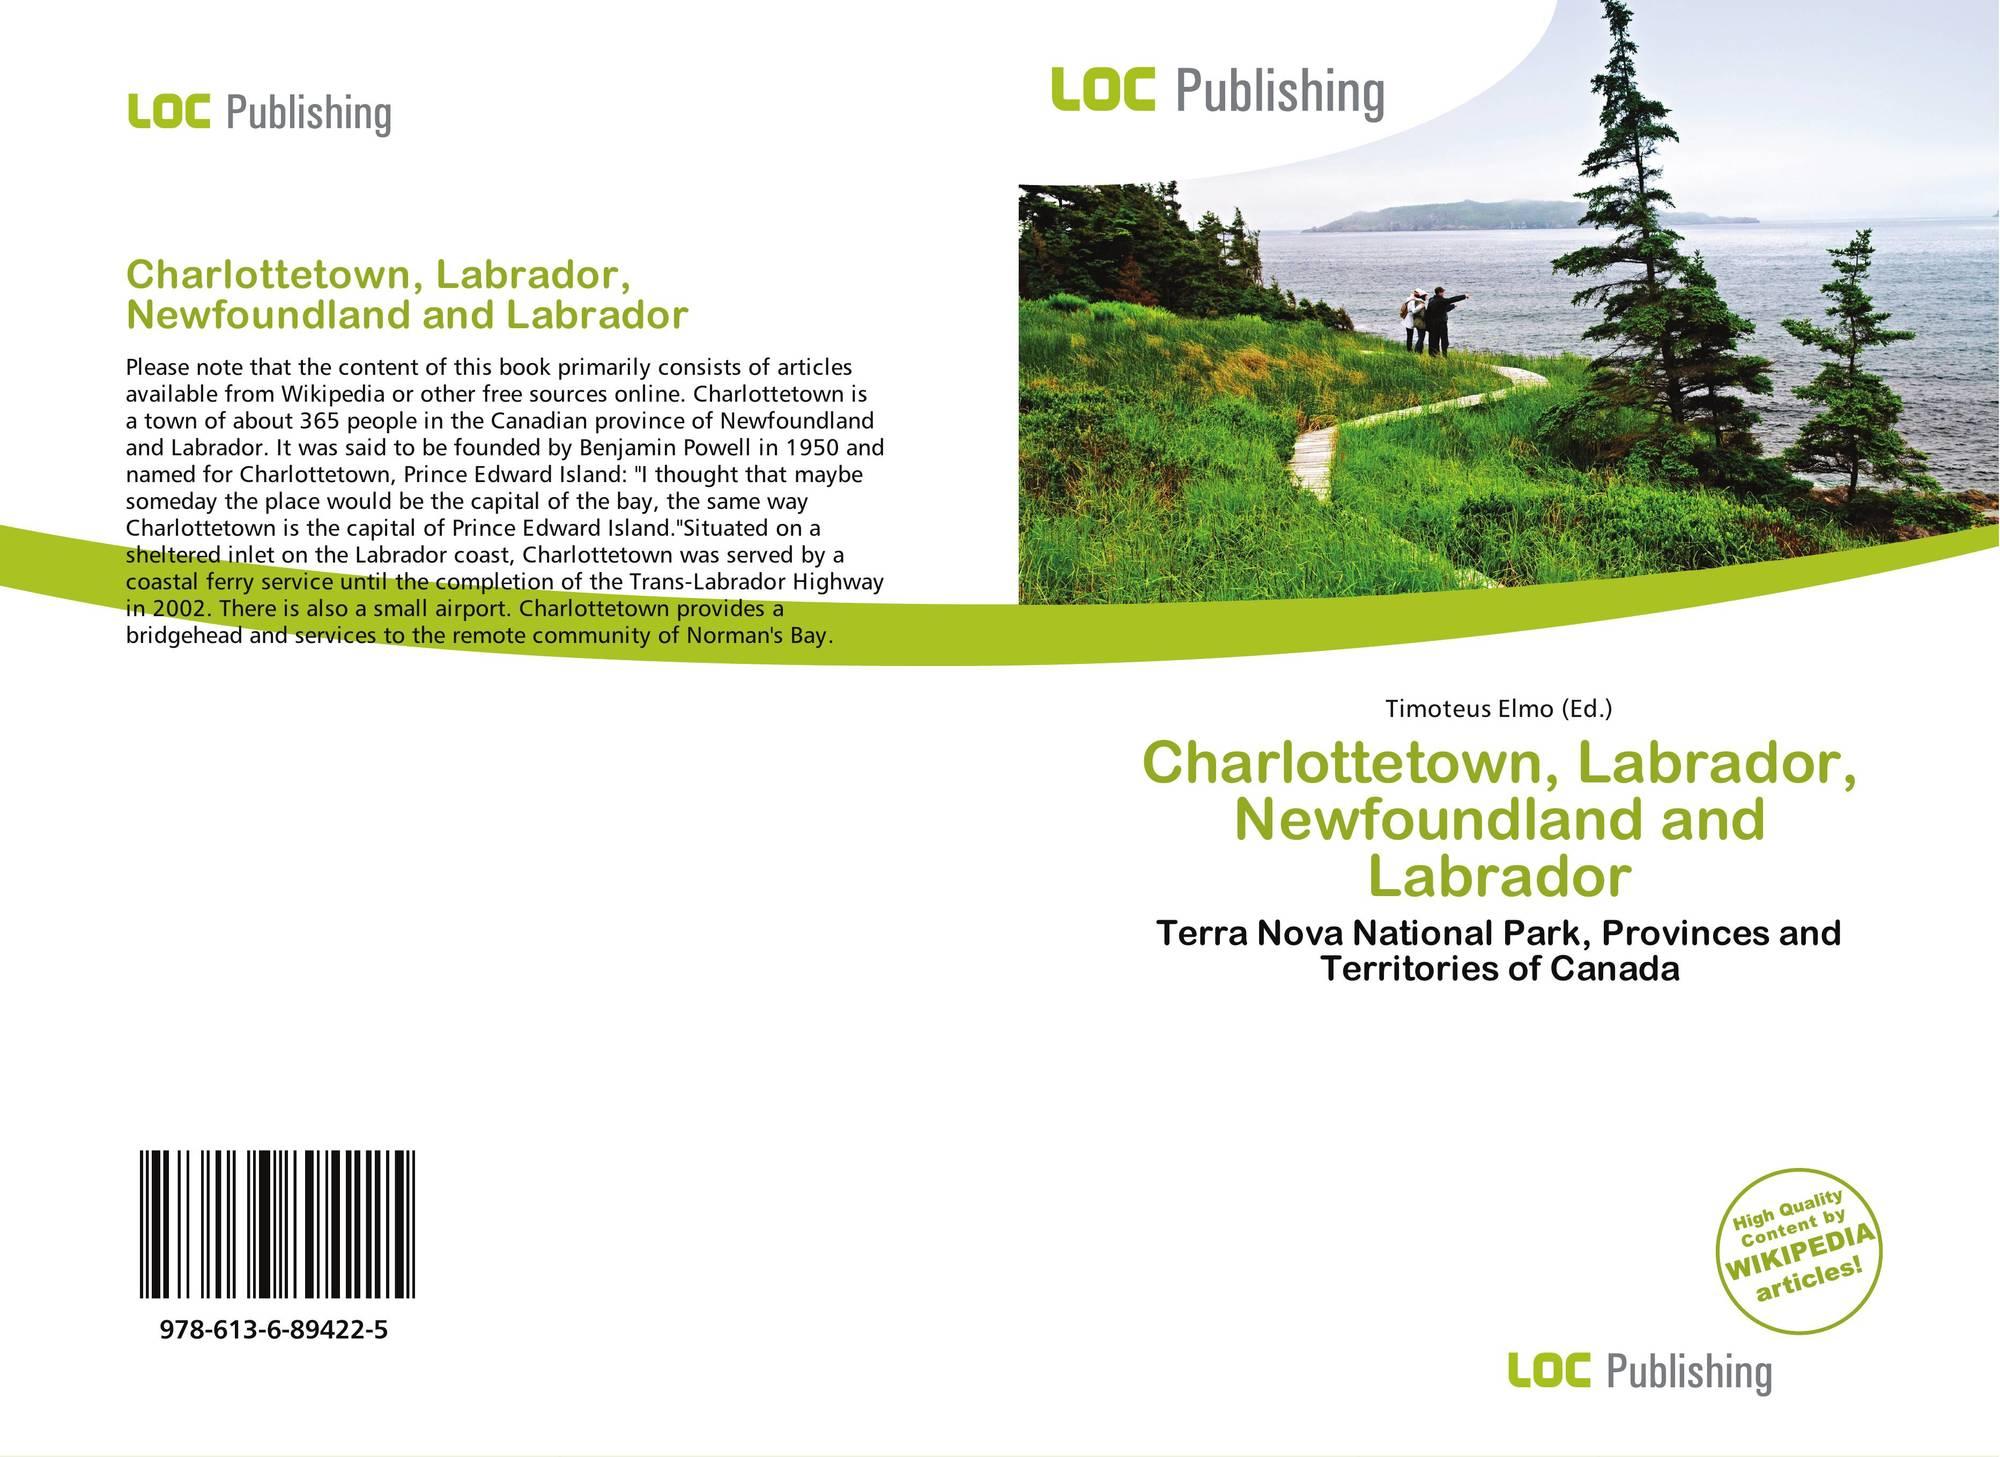 Charlottetown, Labrador, Newfoundland and Labrador, 978-613